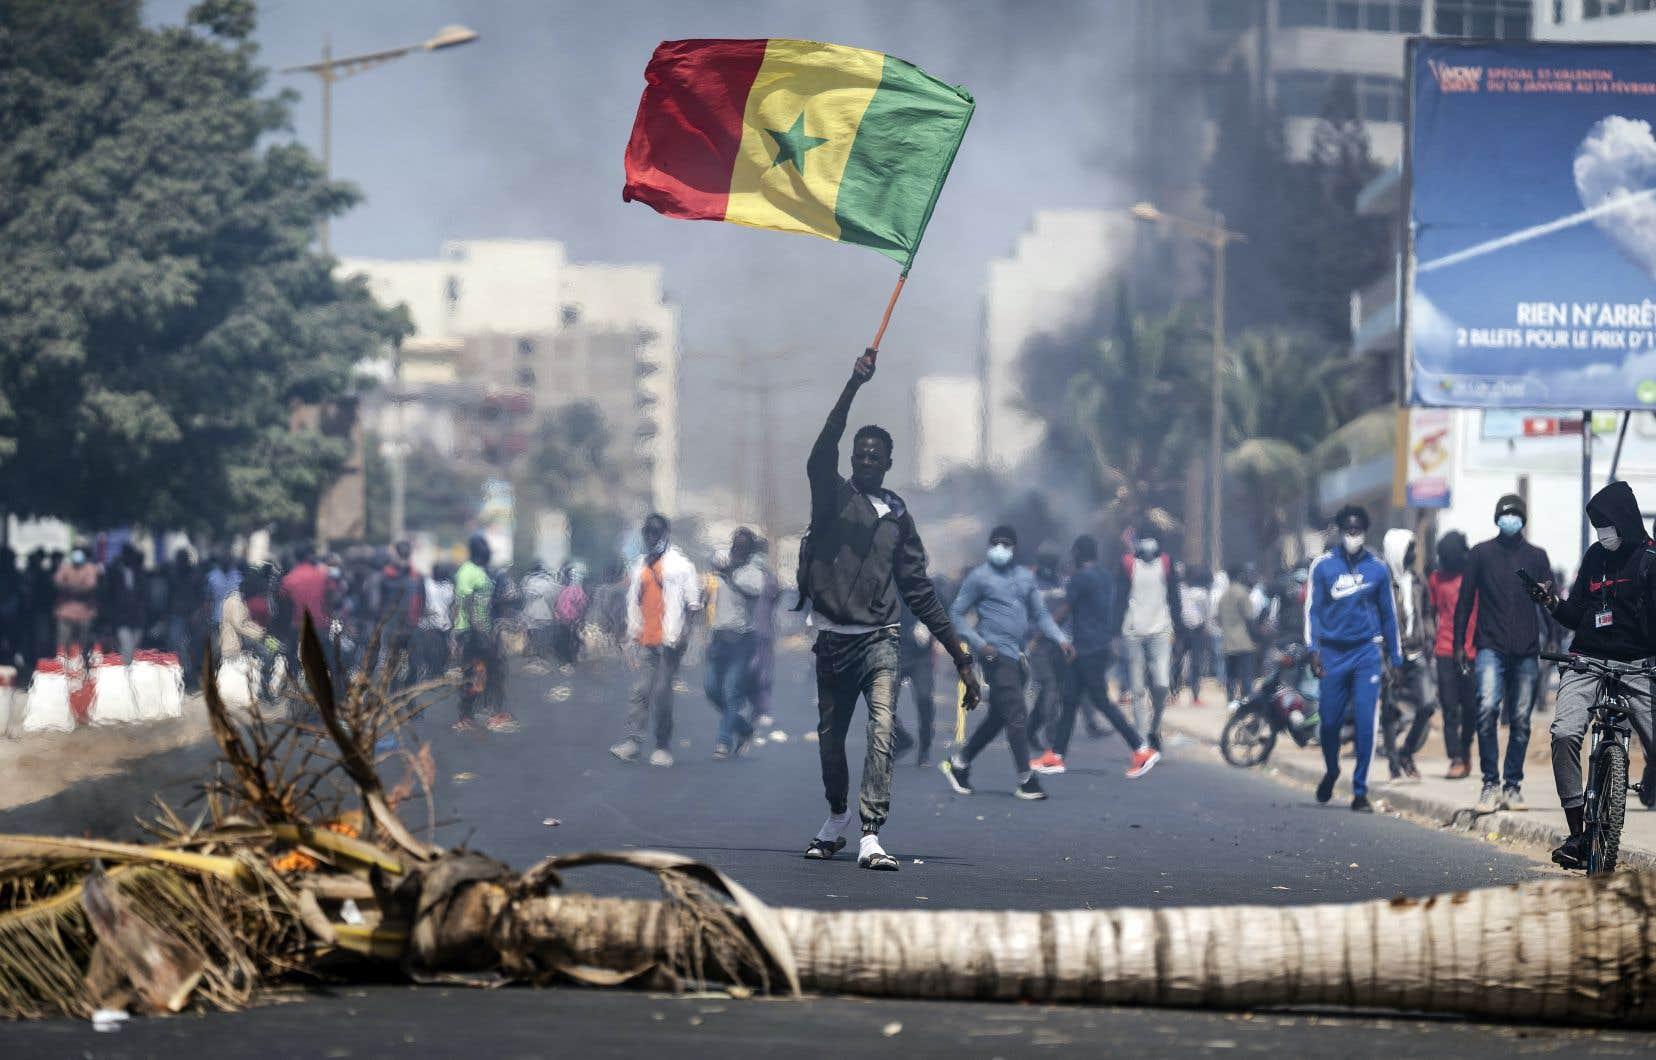 Le Sénégal, considéré d'ordinaire comme un îlot de stabilité en Afrique de l'Ouest, a été le théâtre de confrontations, de pillages et de saccages dans les derniers jours.